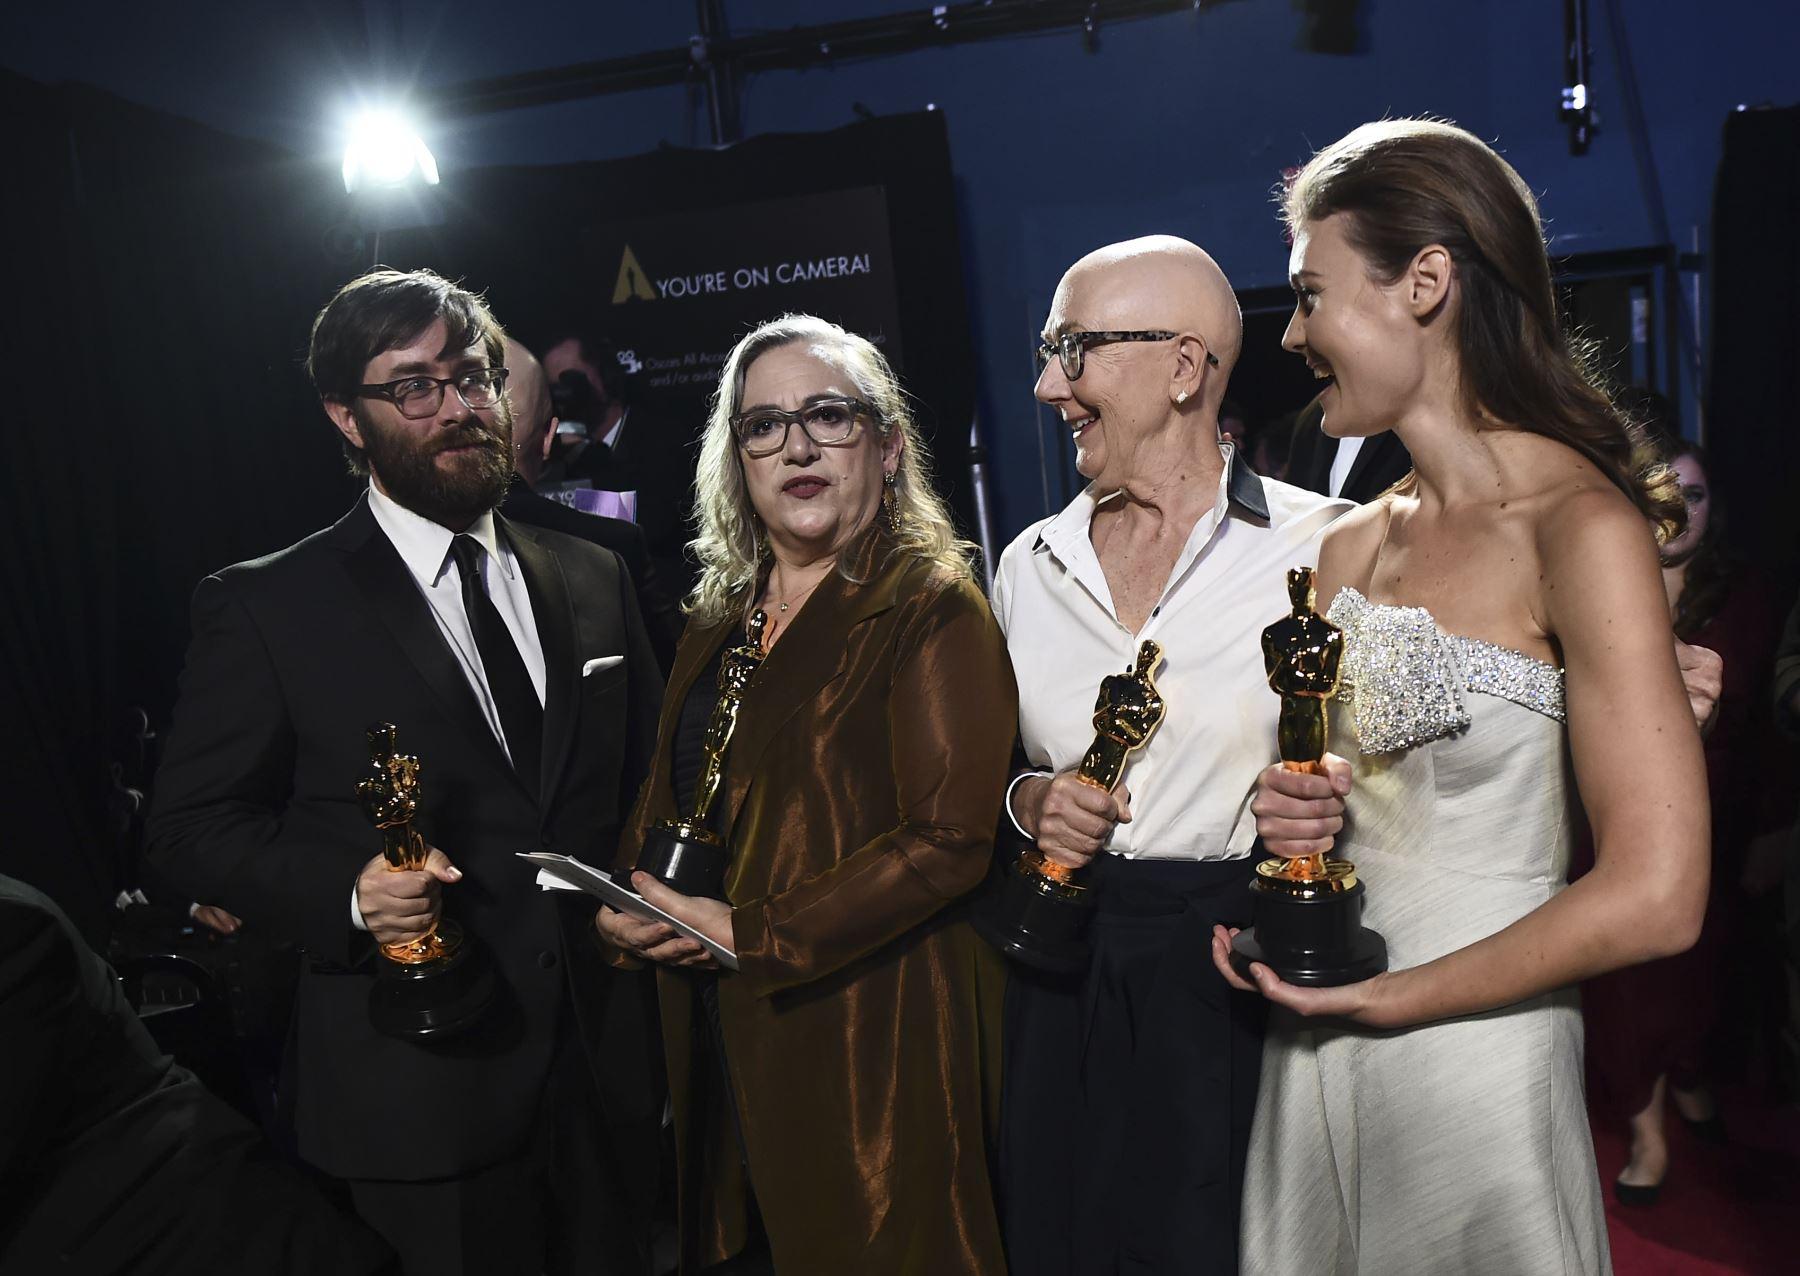 Los ganadores del Oscar Jeff Reichert, Carol Dysinger, Julia Reichert y Elena Andreicheva posan detrás del escenario durante la 92a Anual de los Premios de la Academia en el Dolby Theatre en Hollywood, California. Foto: AFP